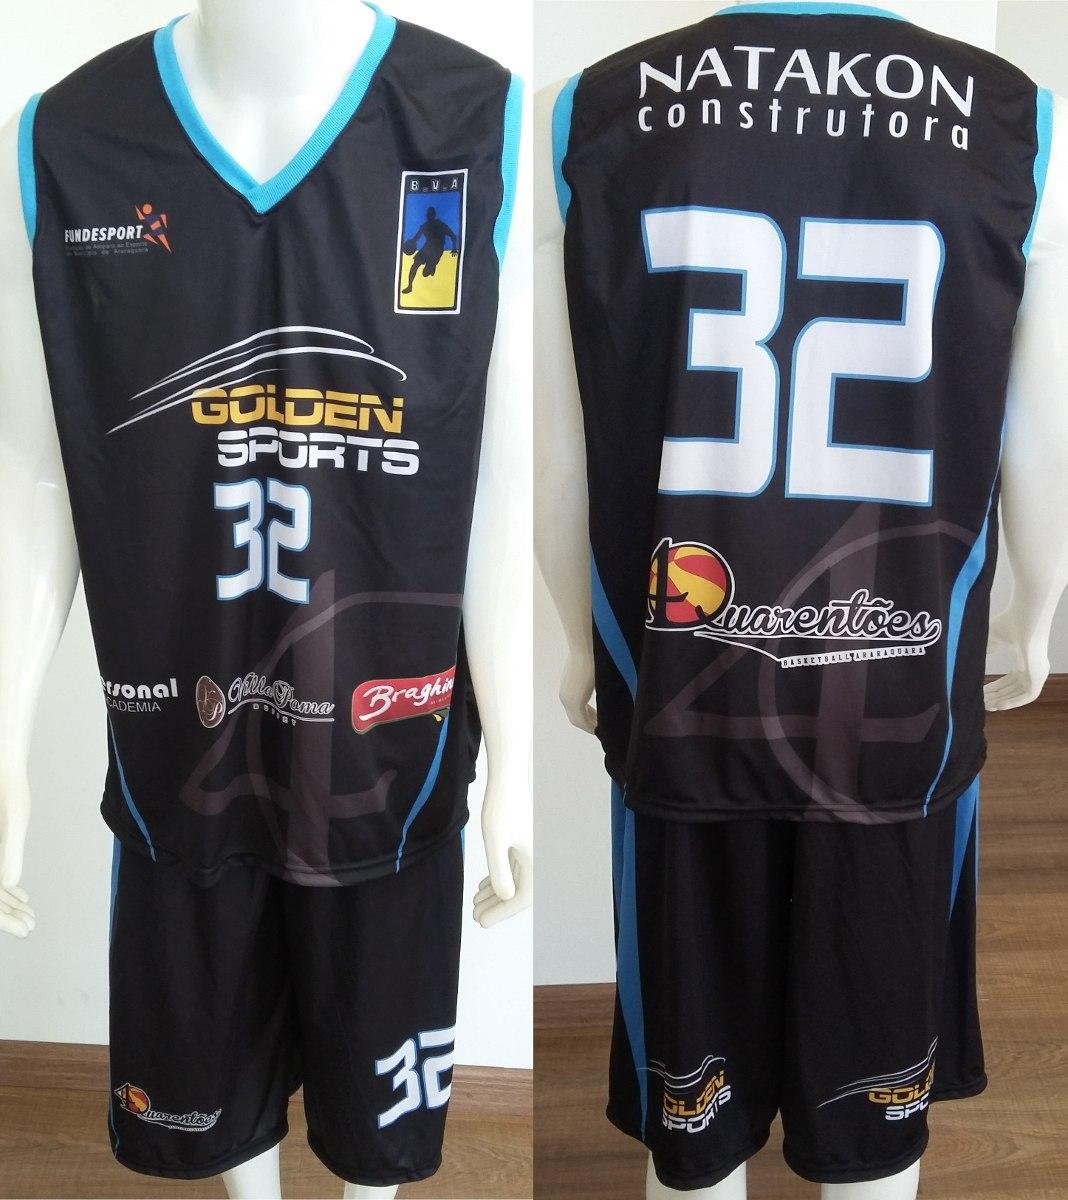 d2b73ac675 uniforme personalizado basquete regata + calção 12cnj. Carregando zoom.